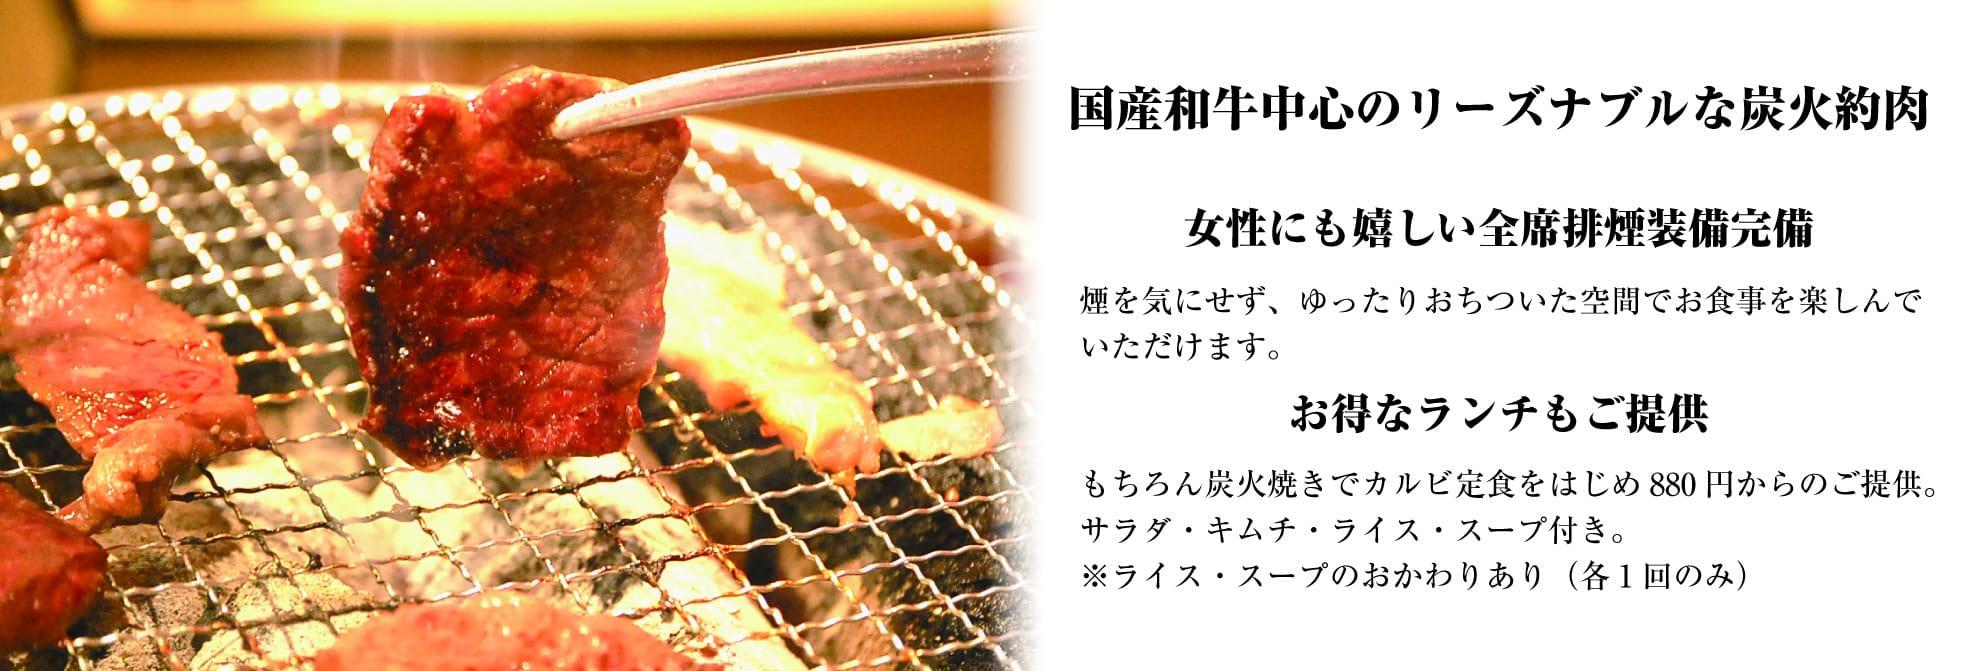 新潟県見附市|韓国本格炭火焼肉 めい